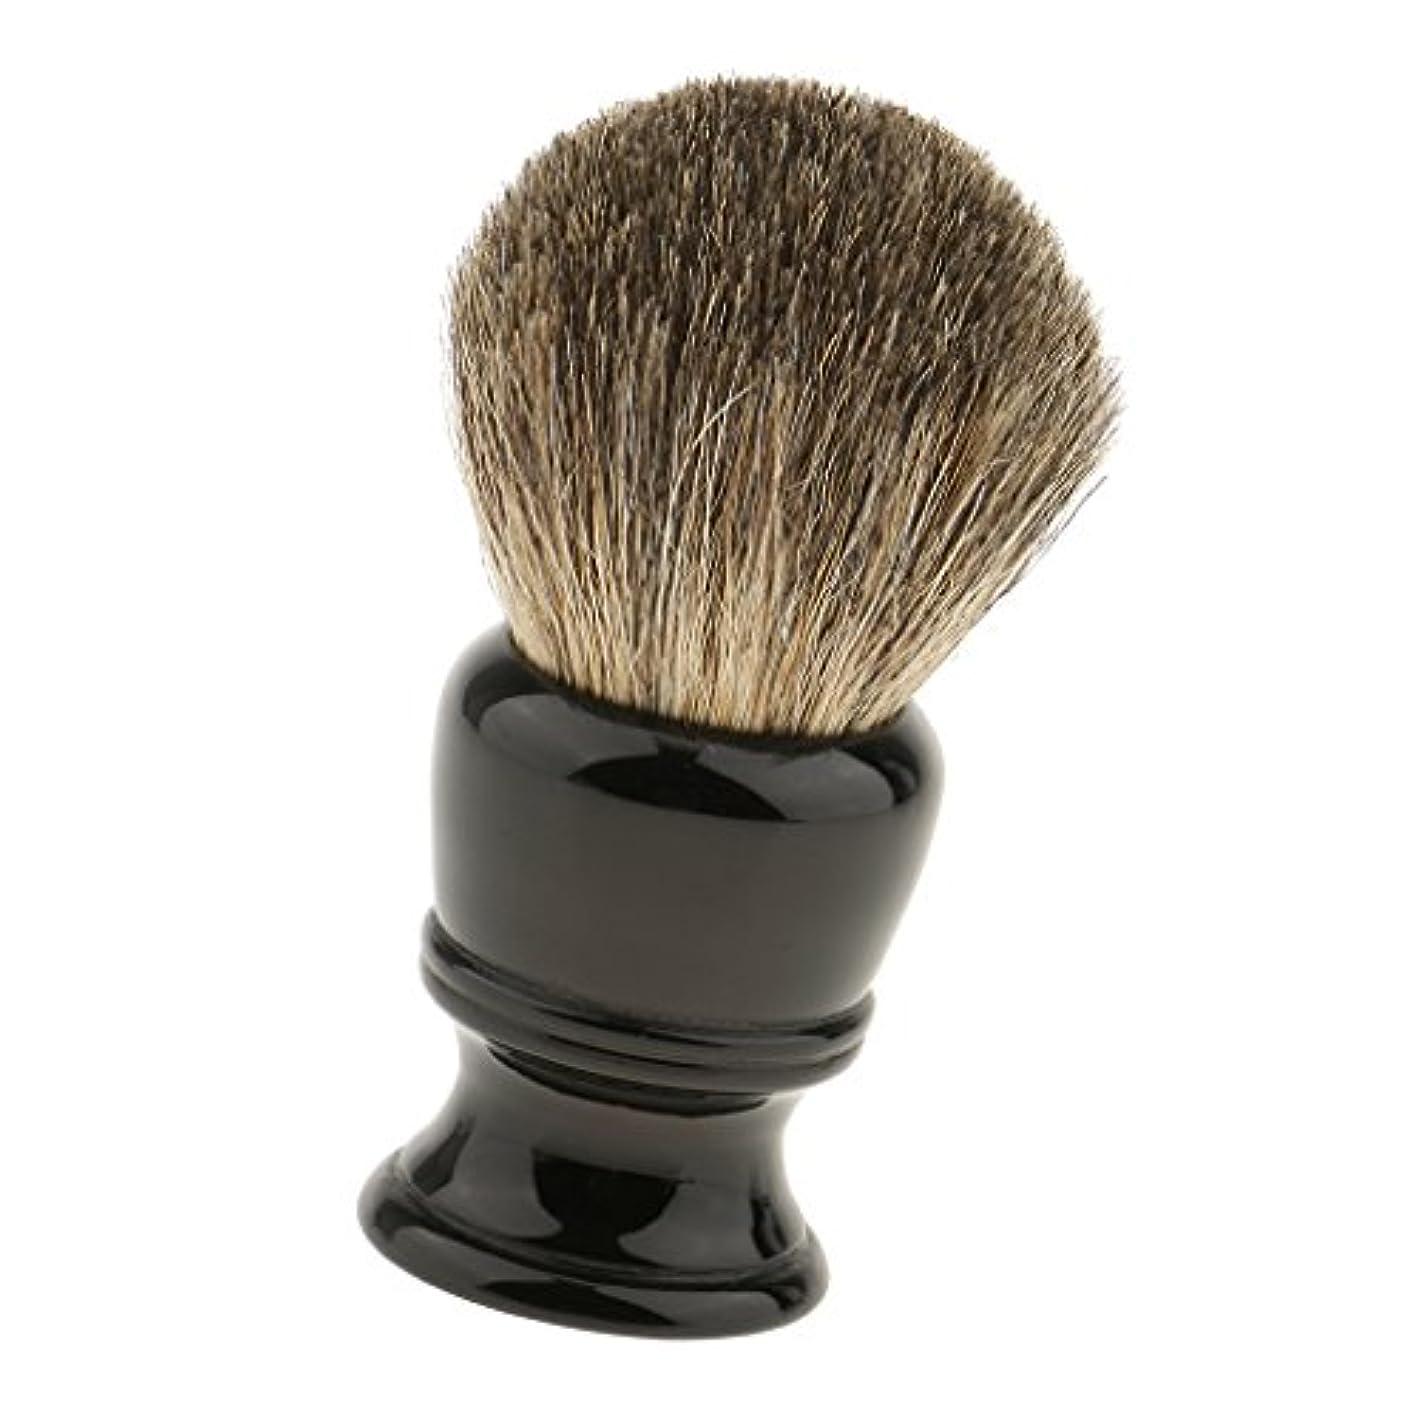 夢再編成する重量dailymall 樹脂ハンドルシェービングブラシホーム理容サロンツール旅行ポータブルキットの男性のひげ剃り